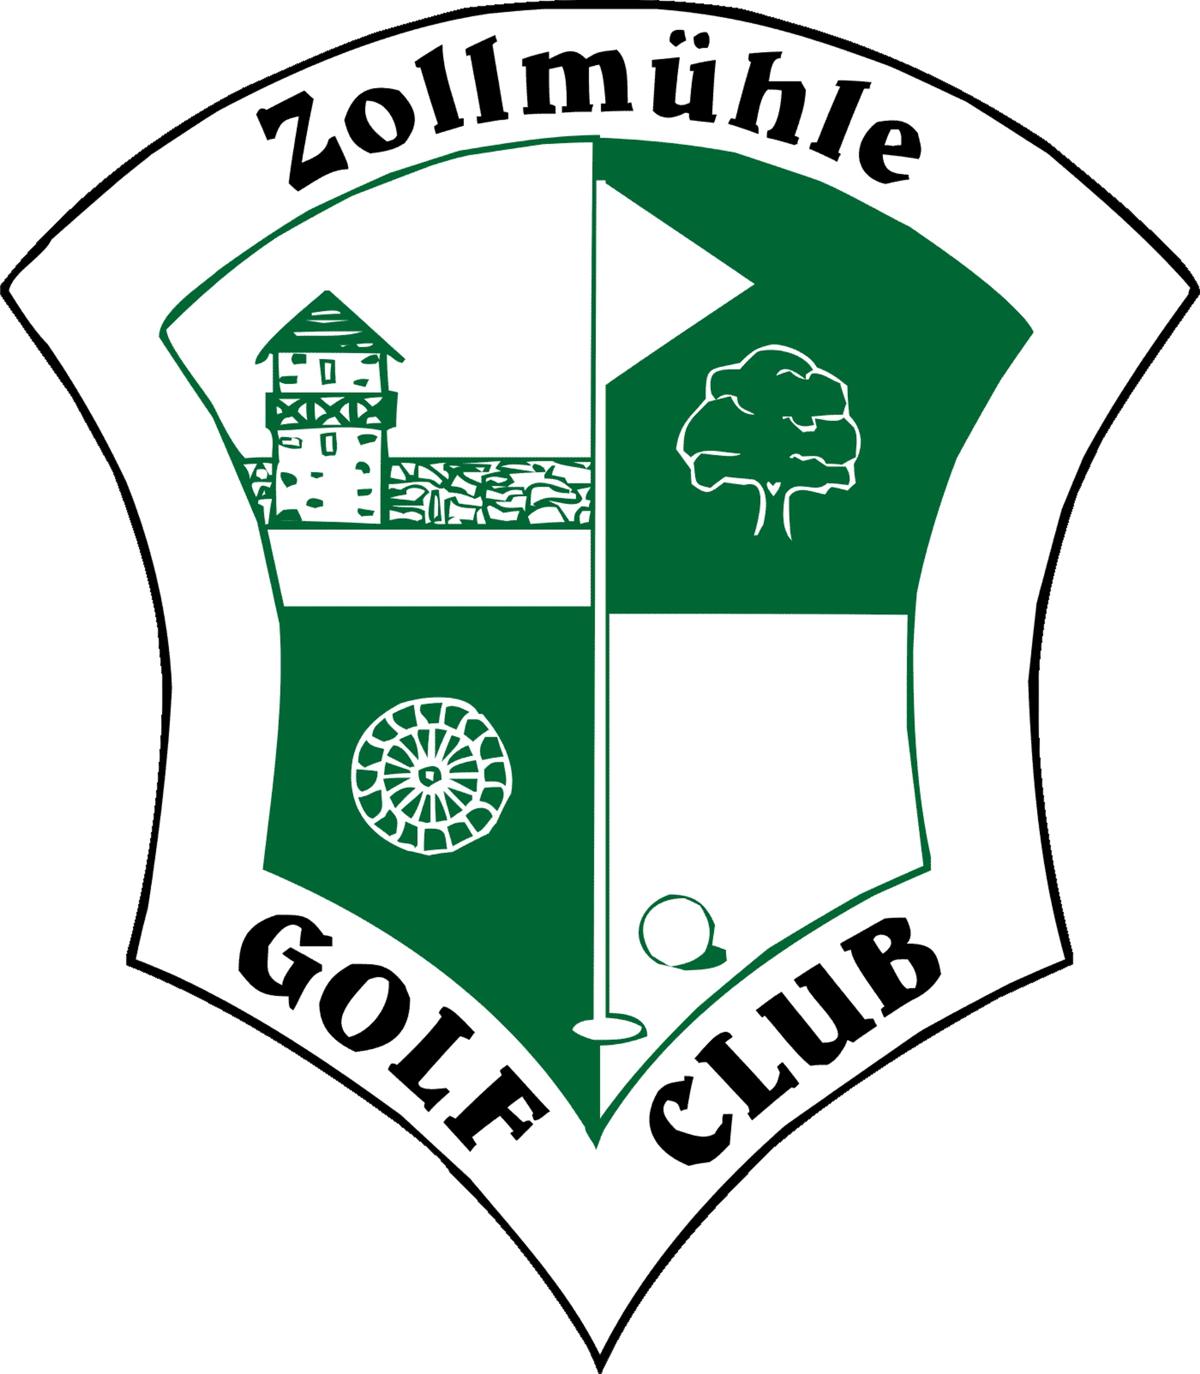 Logo Golfclub Zollmühle